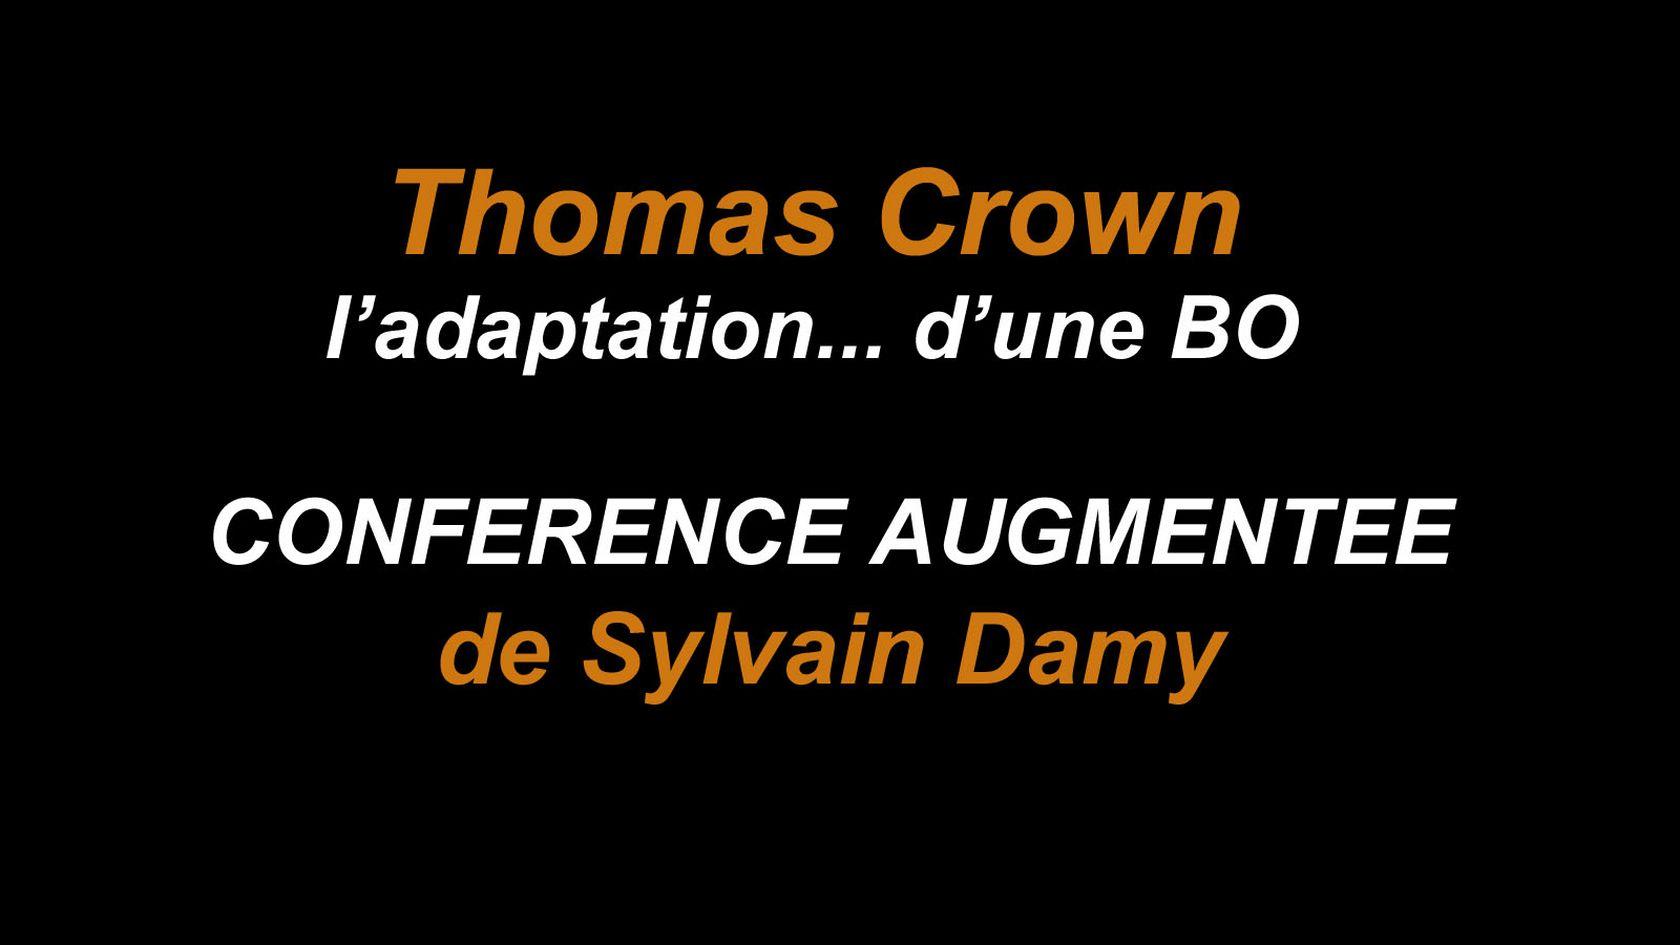 Conférence augmentée de Sylvain Damy |